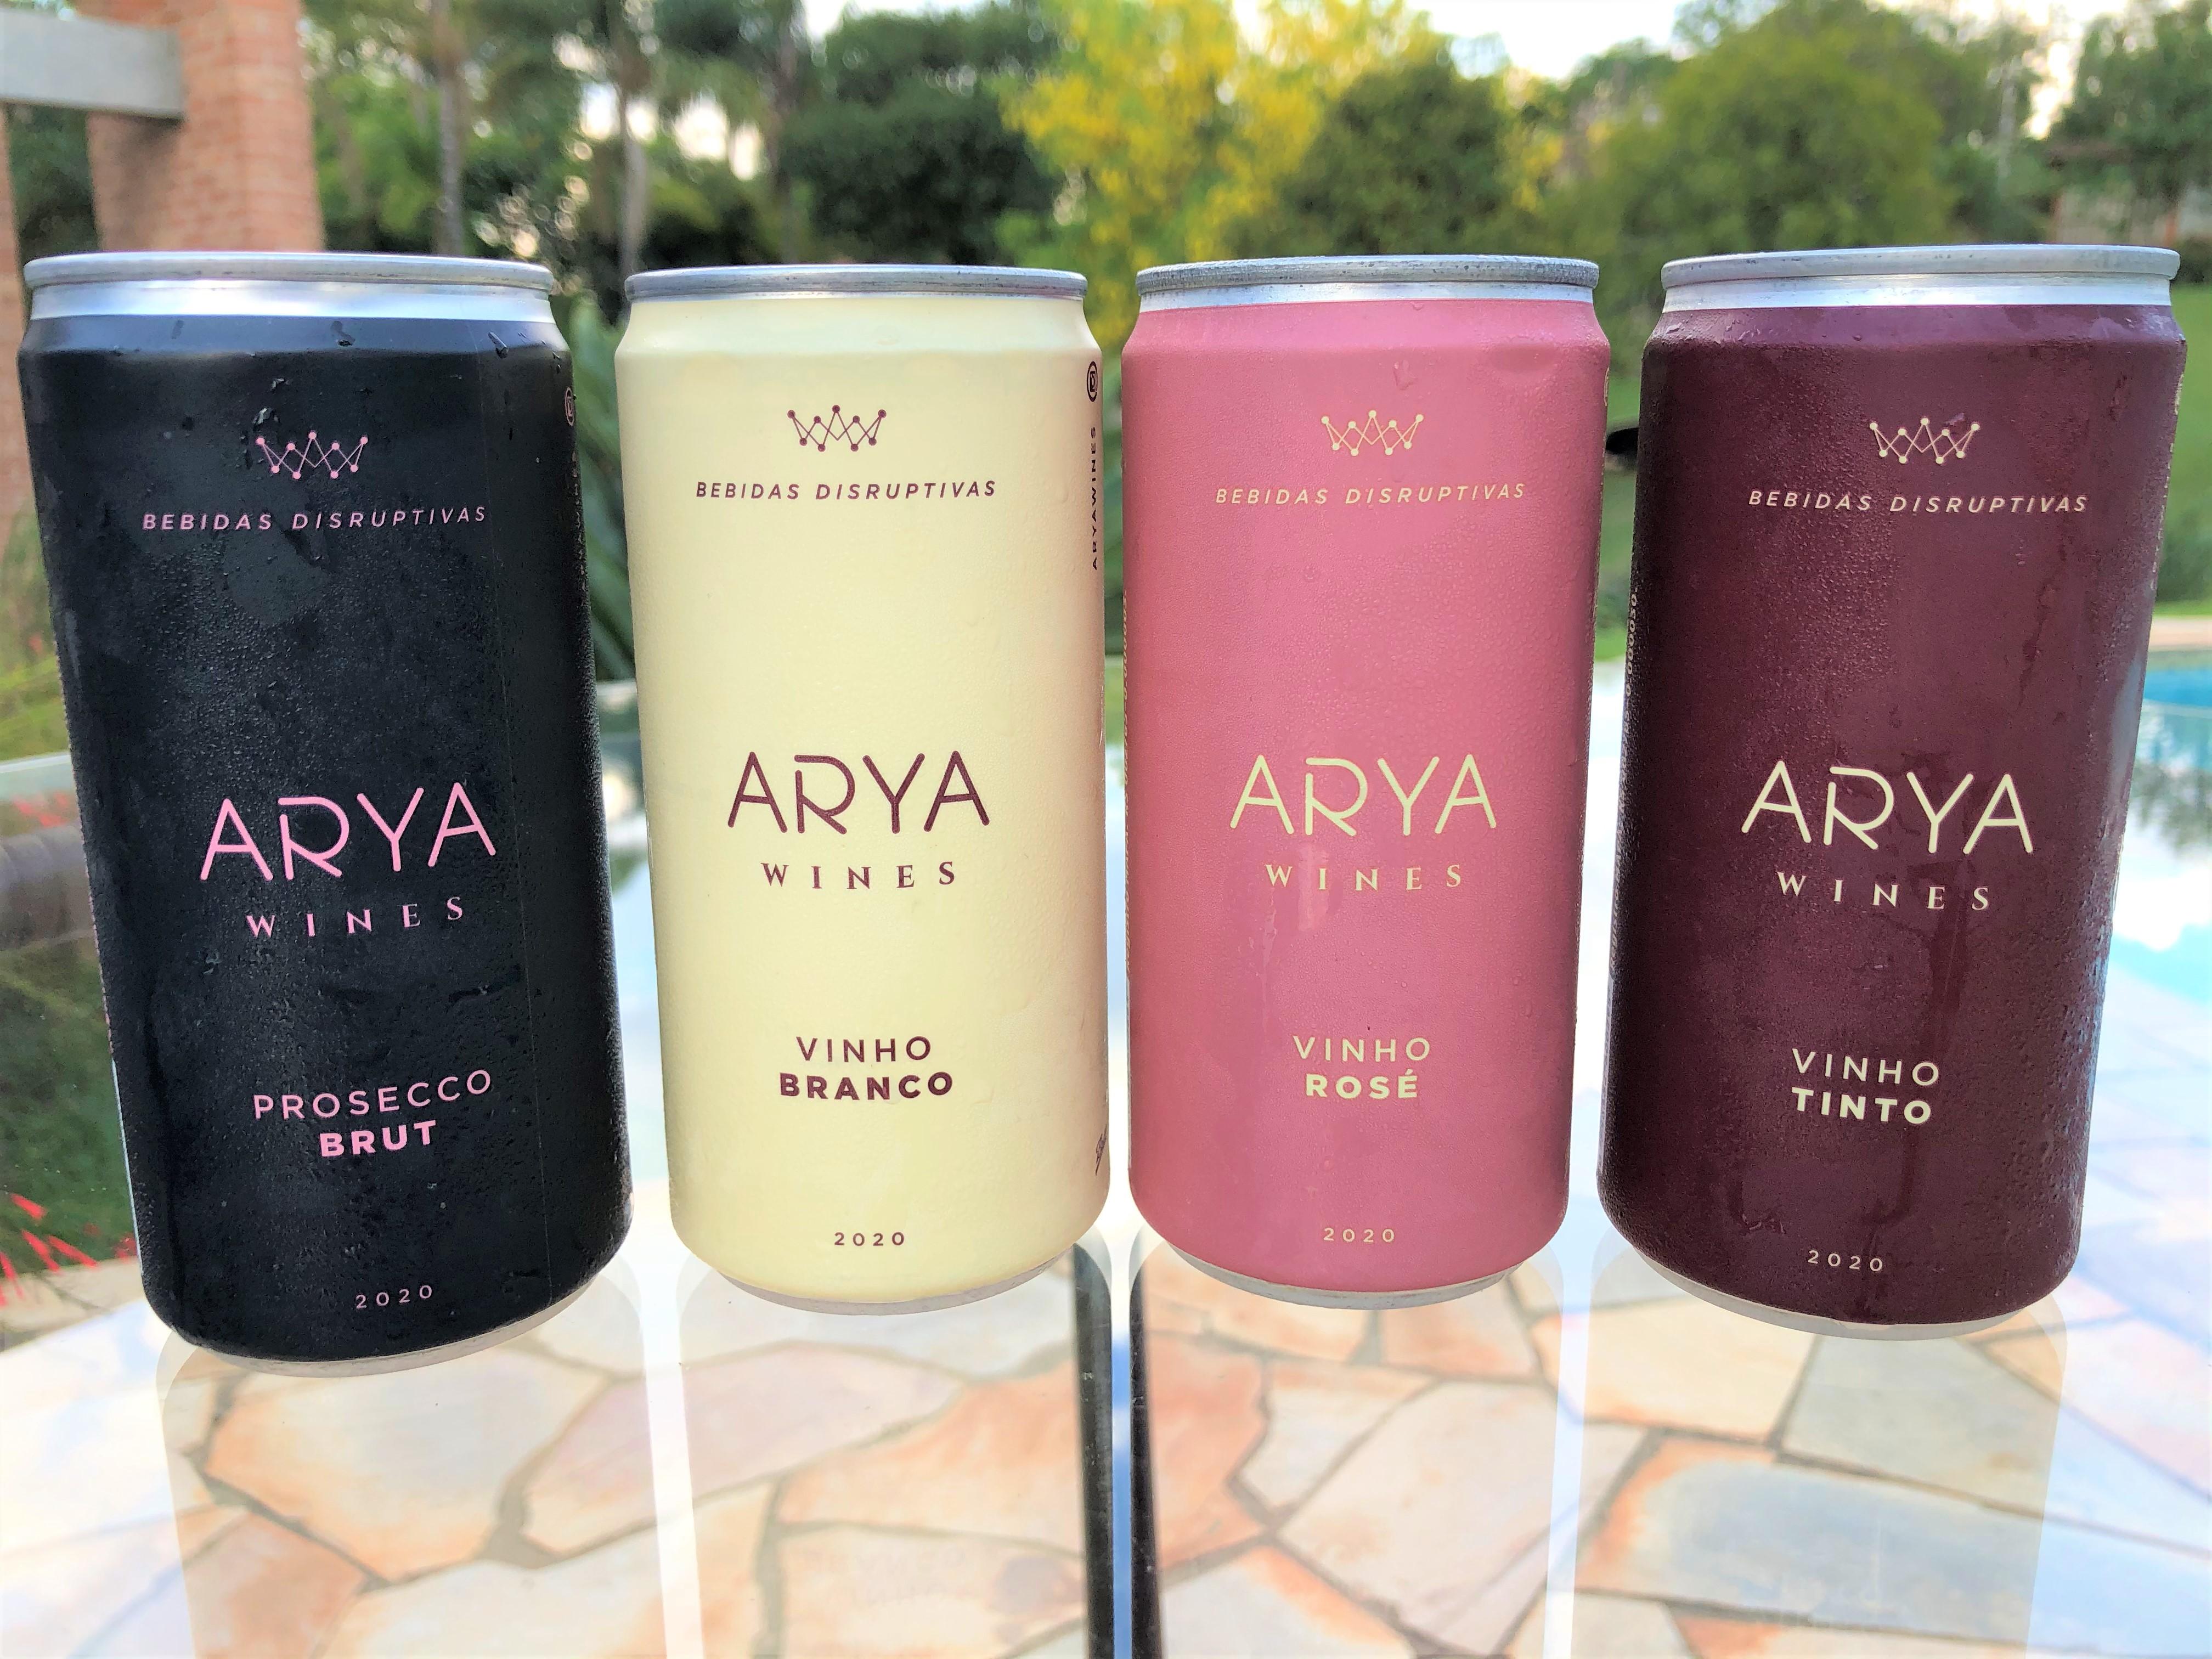 Vinho na lata Arya